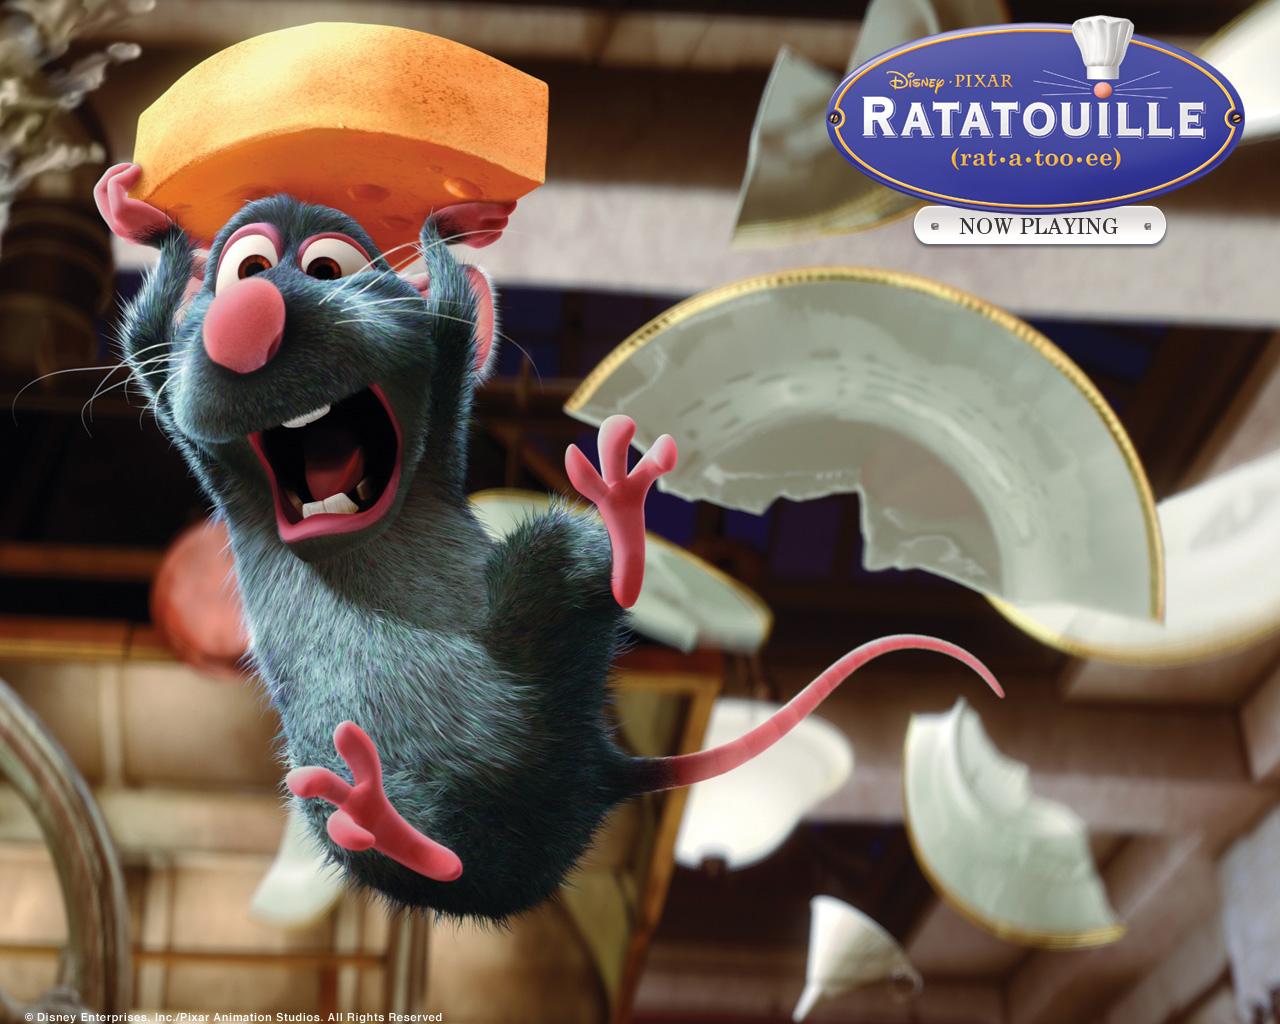 Ratatouille - Pixar Wallpaper (67308) - Fanpop